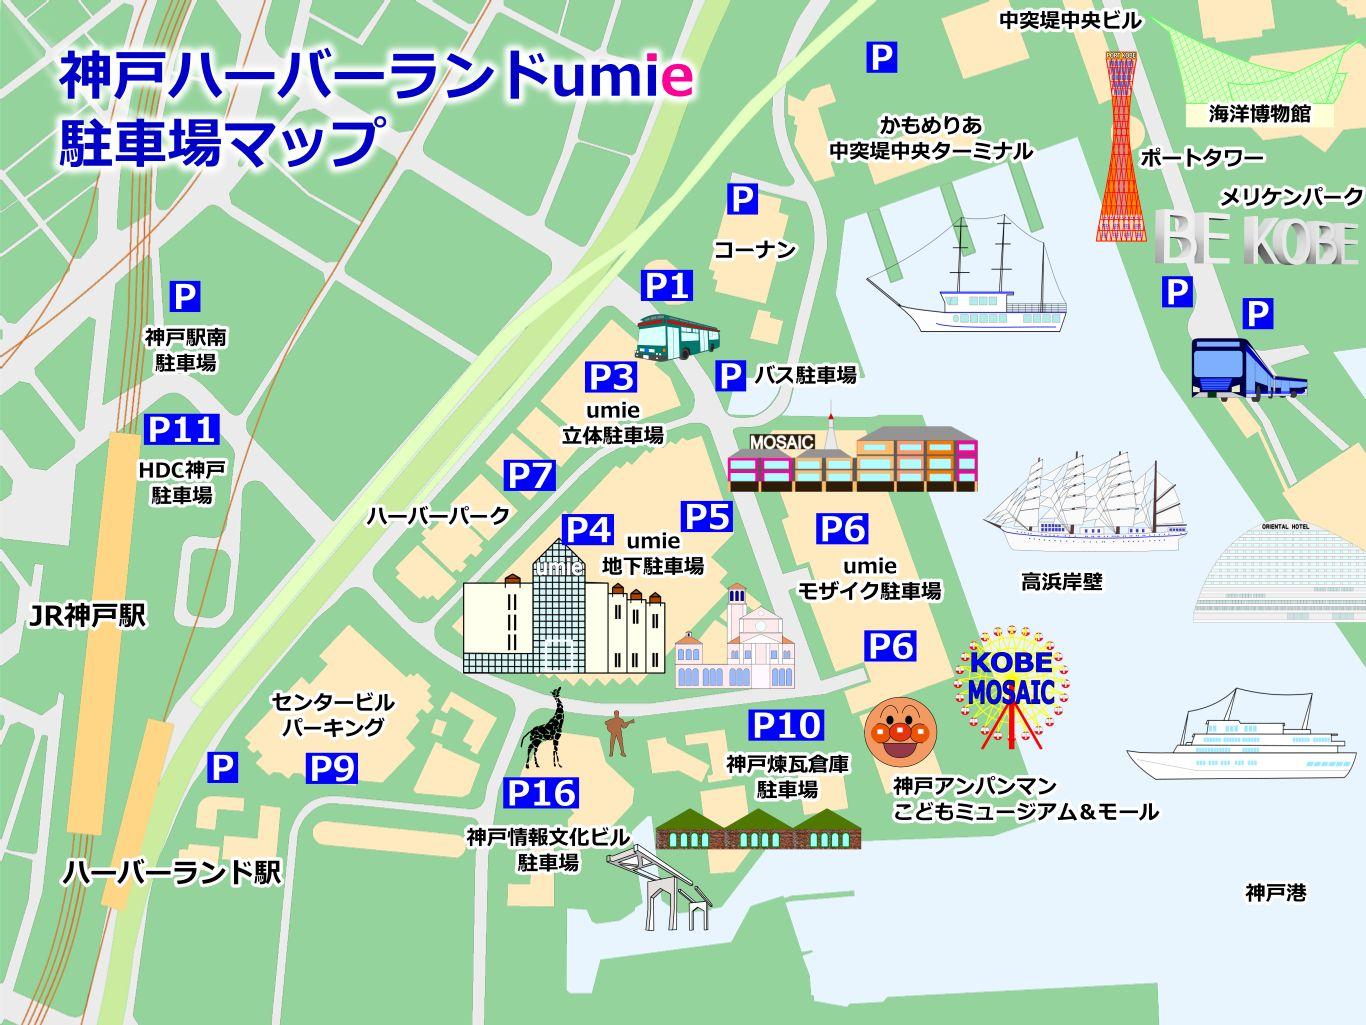 神戸ハーバーランドumieの駐車場マップ